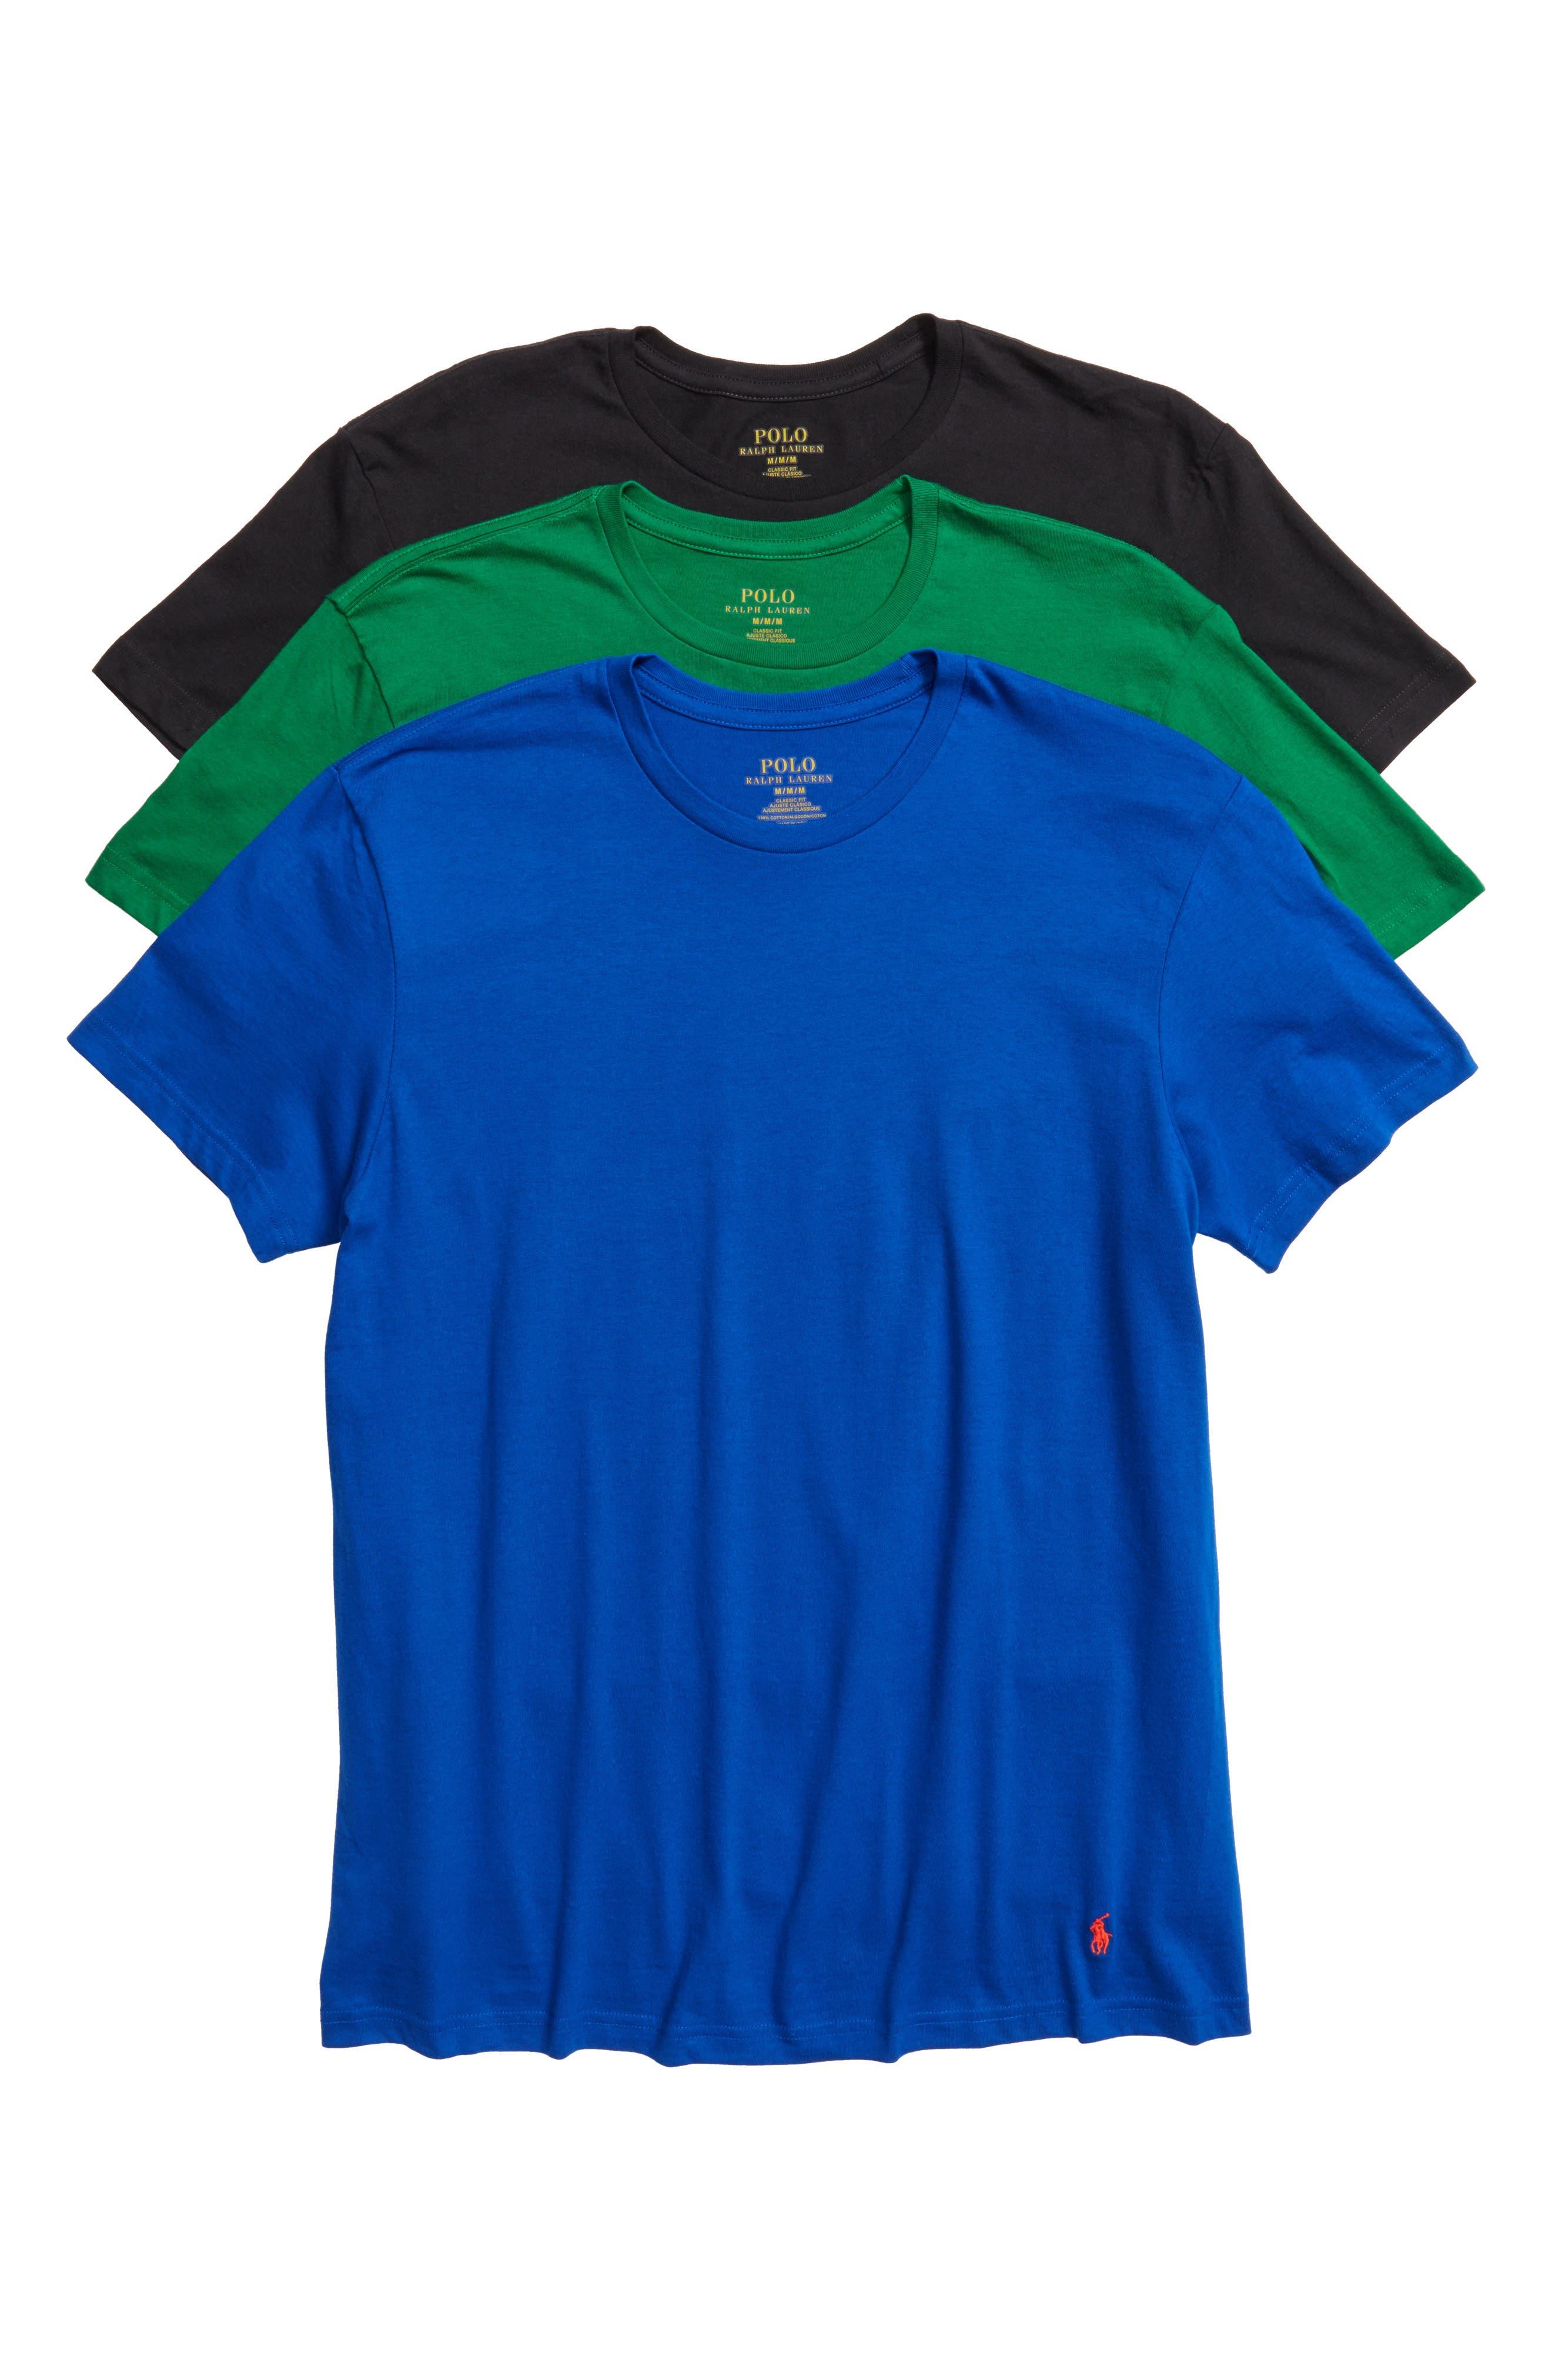 Polo Ralph Lauren 3-Pack Crewneck Cotton T-Shirts